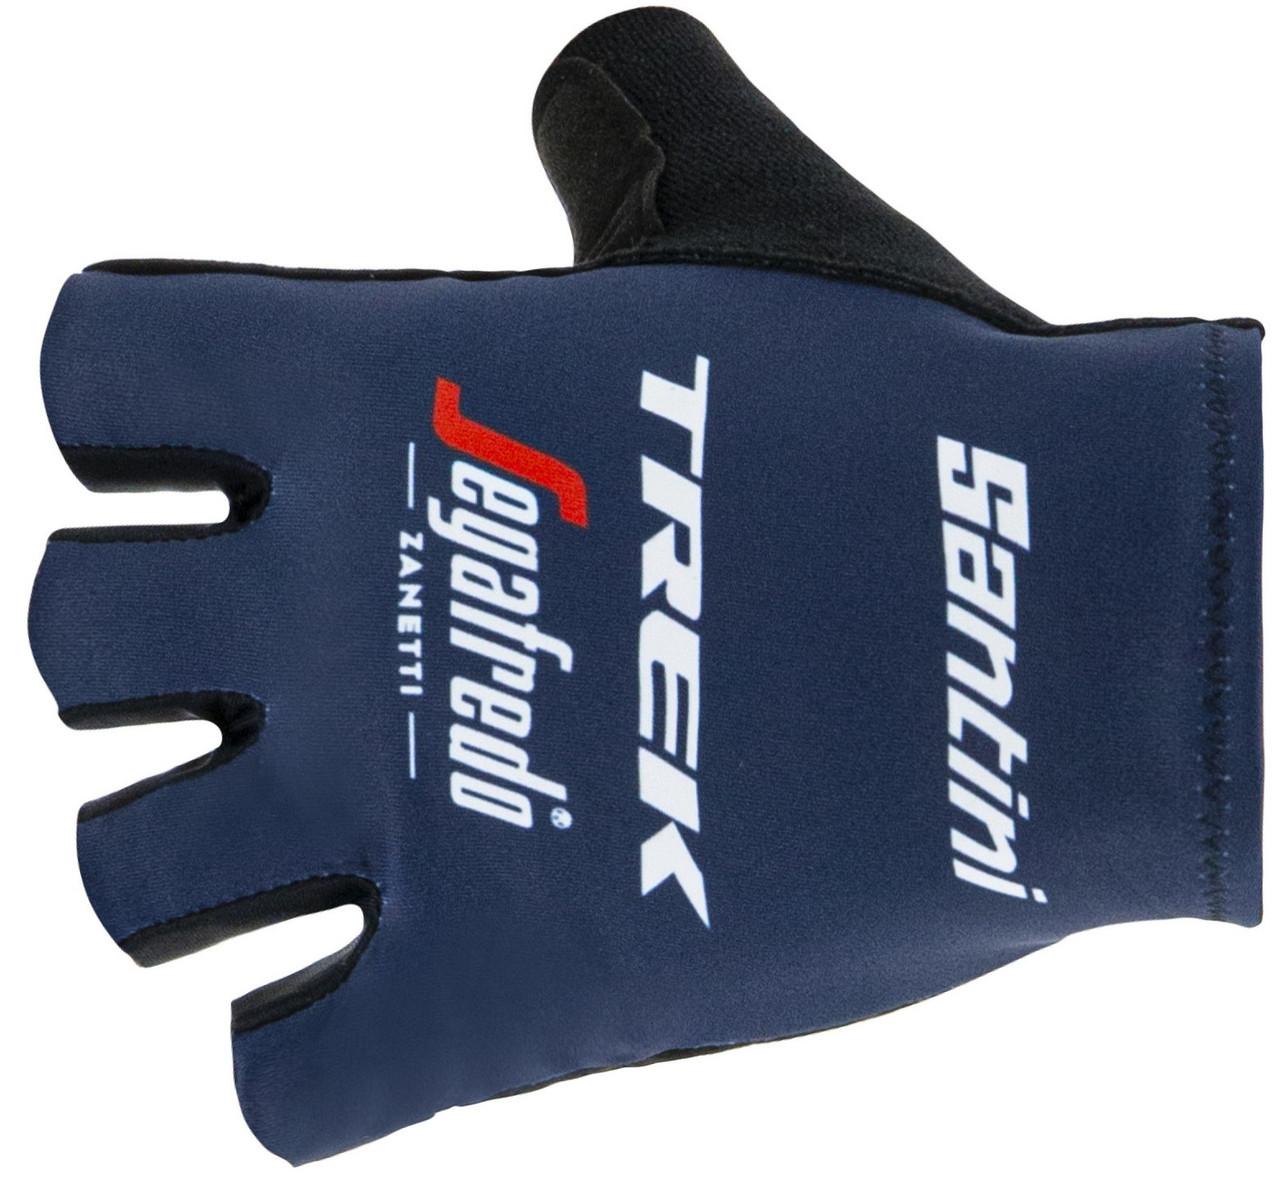 2020 Trek Segafredo Gloves